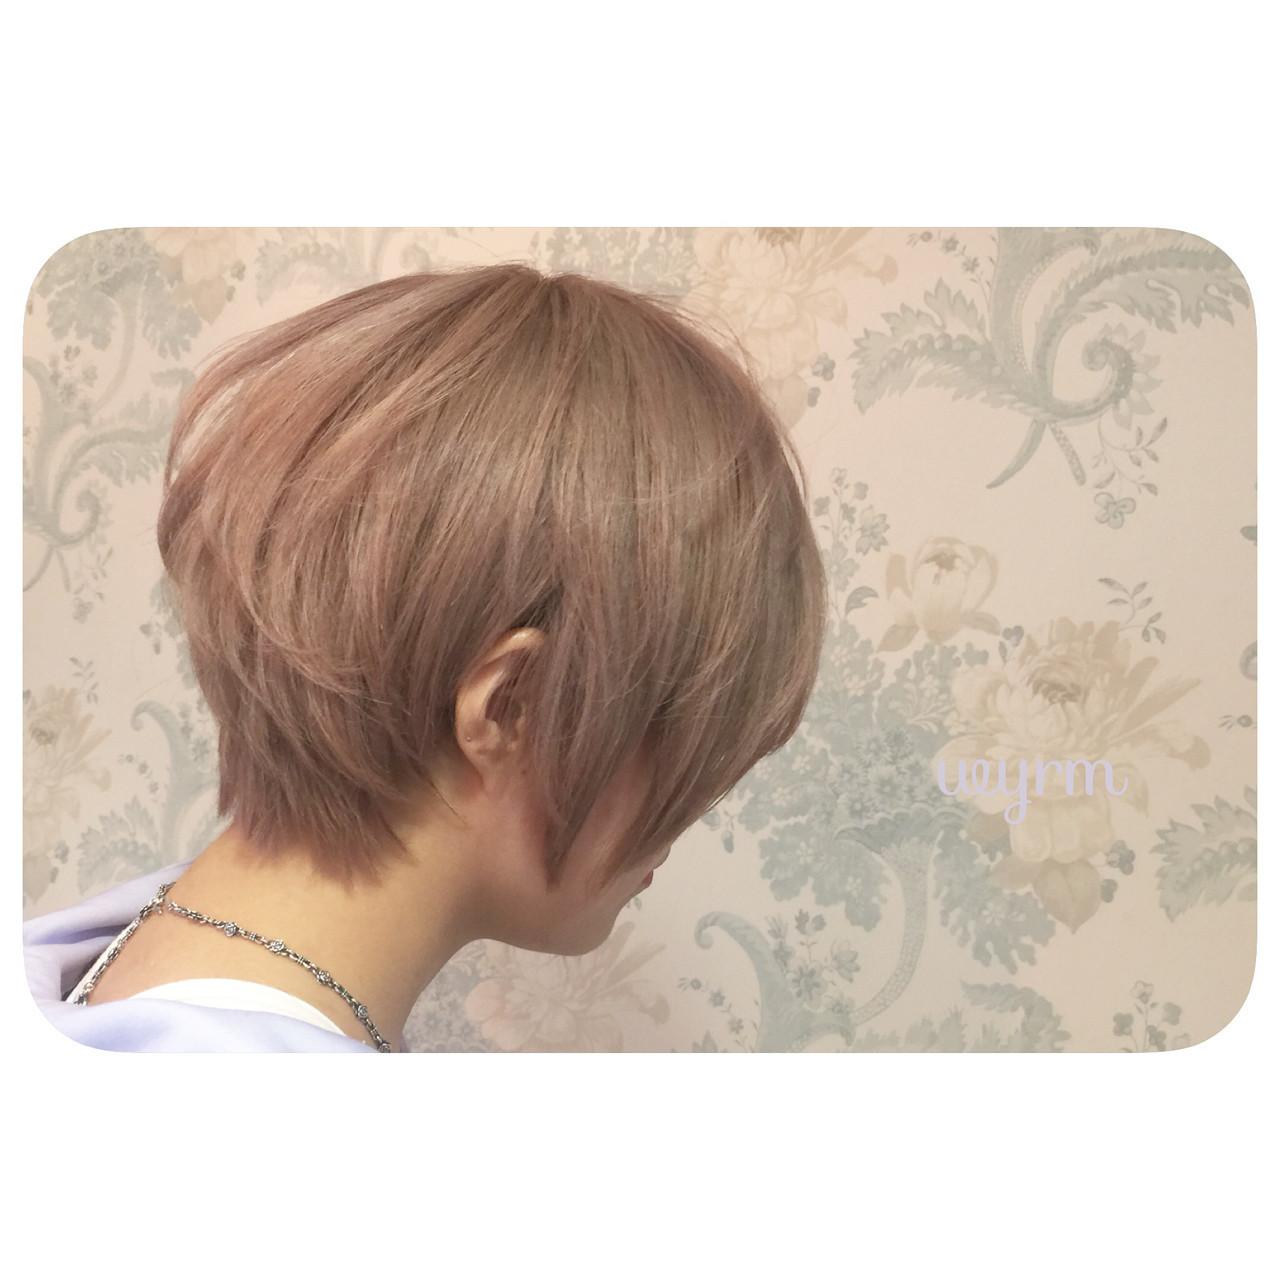 目指すは波瑠さん!芸能人のような可愛いショートヘアになるポイントとは? eeko(miyuki nakamura)